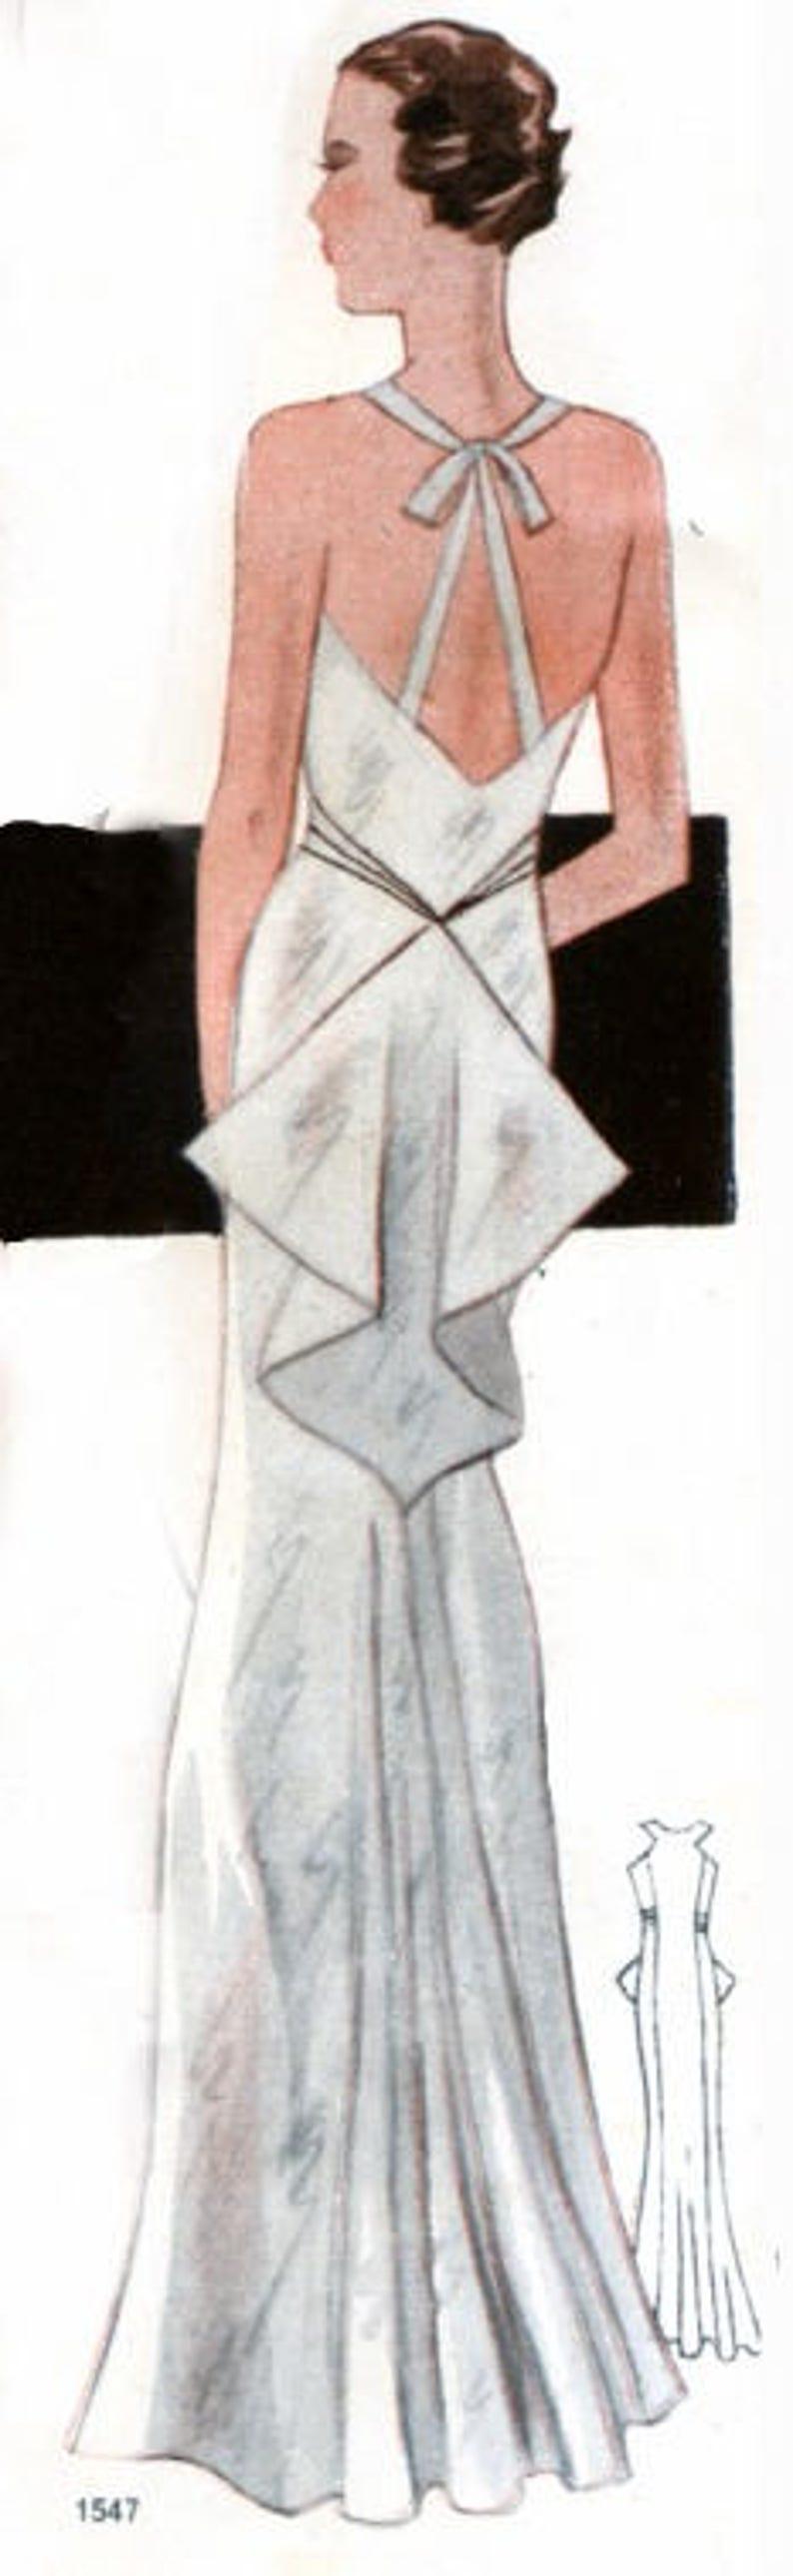 1930s Vintage Dresses, Clothing & Patterns Links Plus Size (or any size) Vintage 1934 Dress Sewing Pattern - PDF - Pattern No 1547 Kay 1930s 30s Patterns $11.20 AT vintagedancer.com